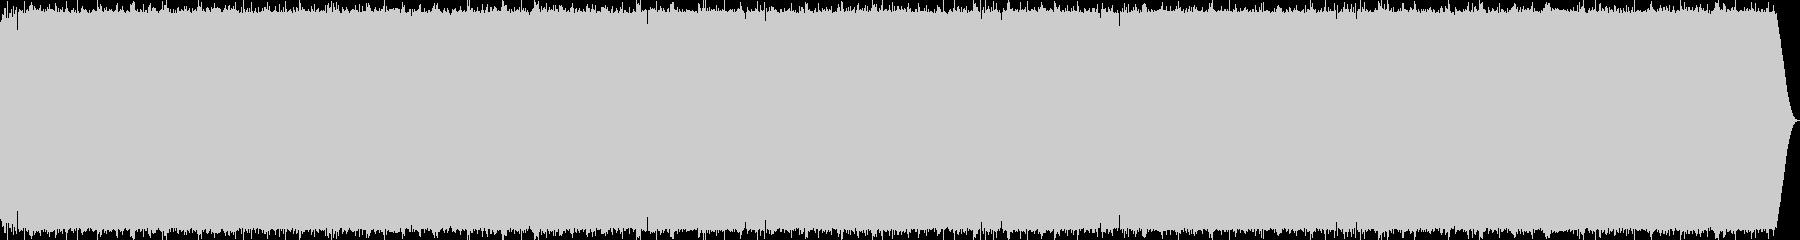 ダンスエクササイズBPM110:15分の未再生の波形